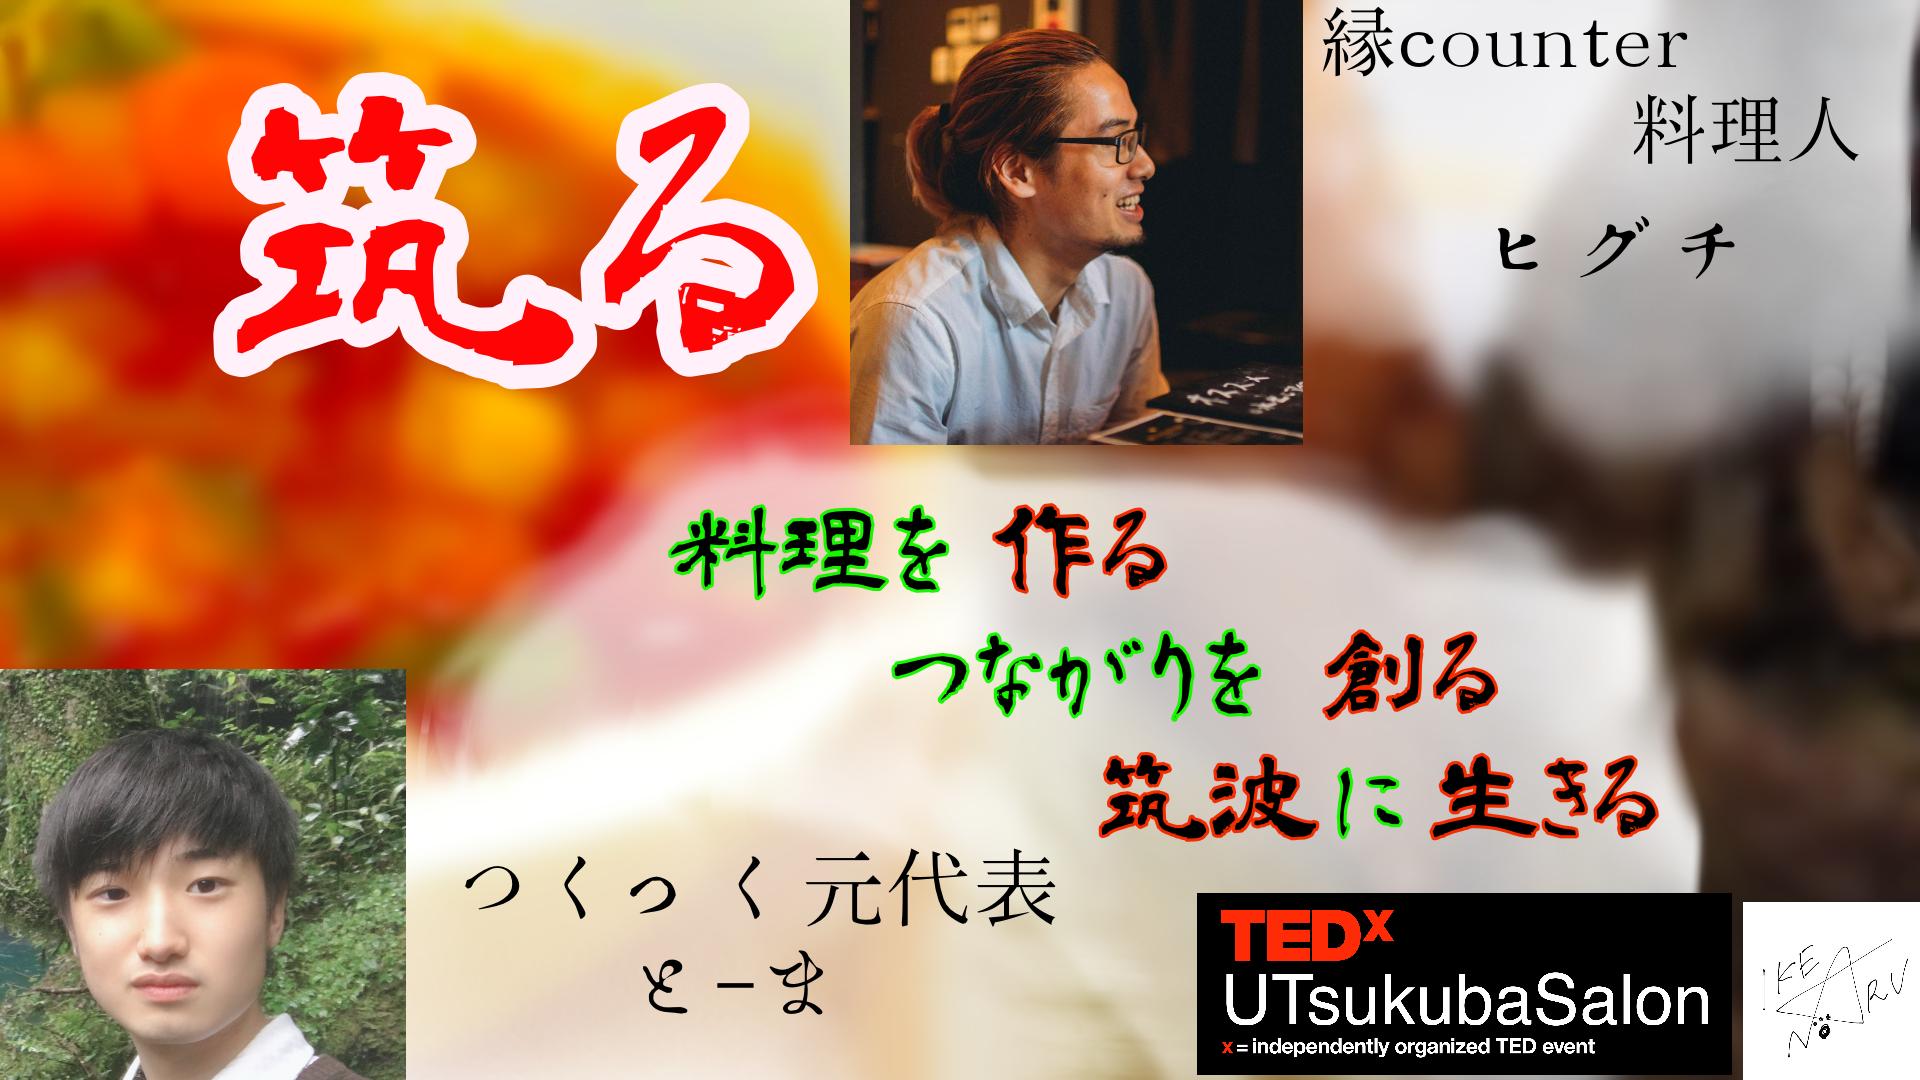 TEDxUTsukubaSalon